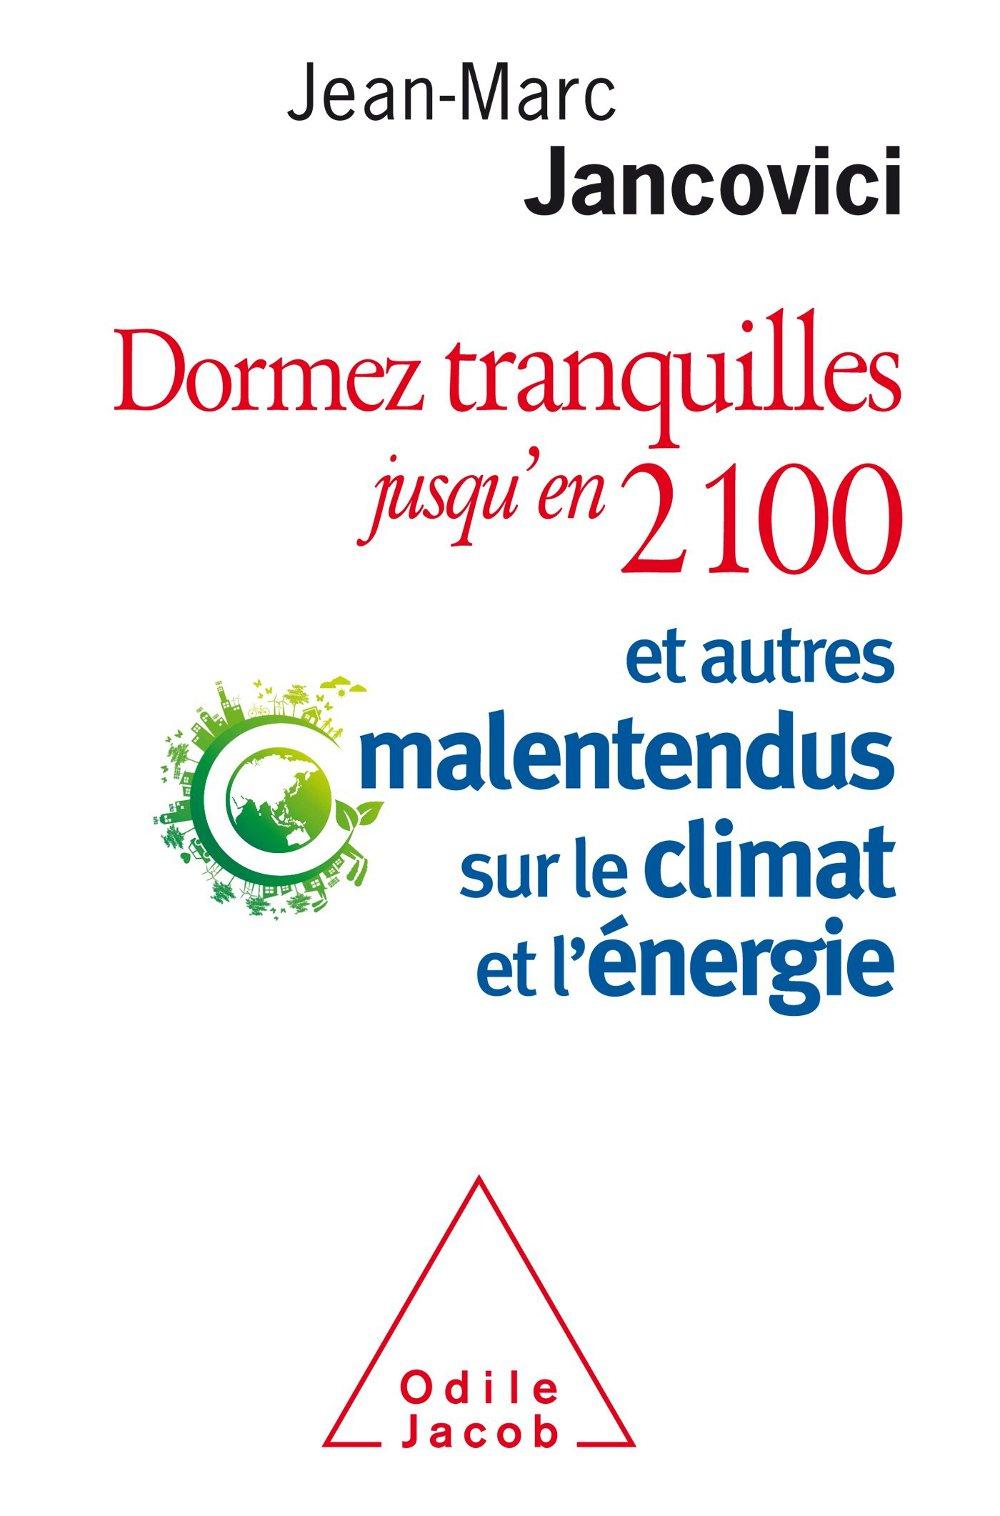 Dormez tranquilles jusqu'en 2100, de Jean-Marc Jancovici